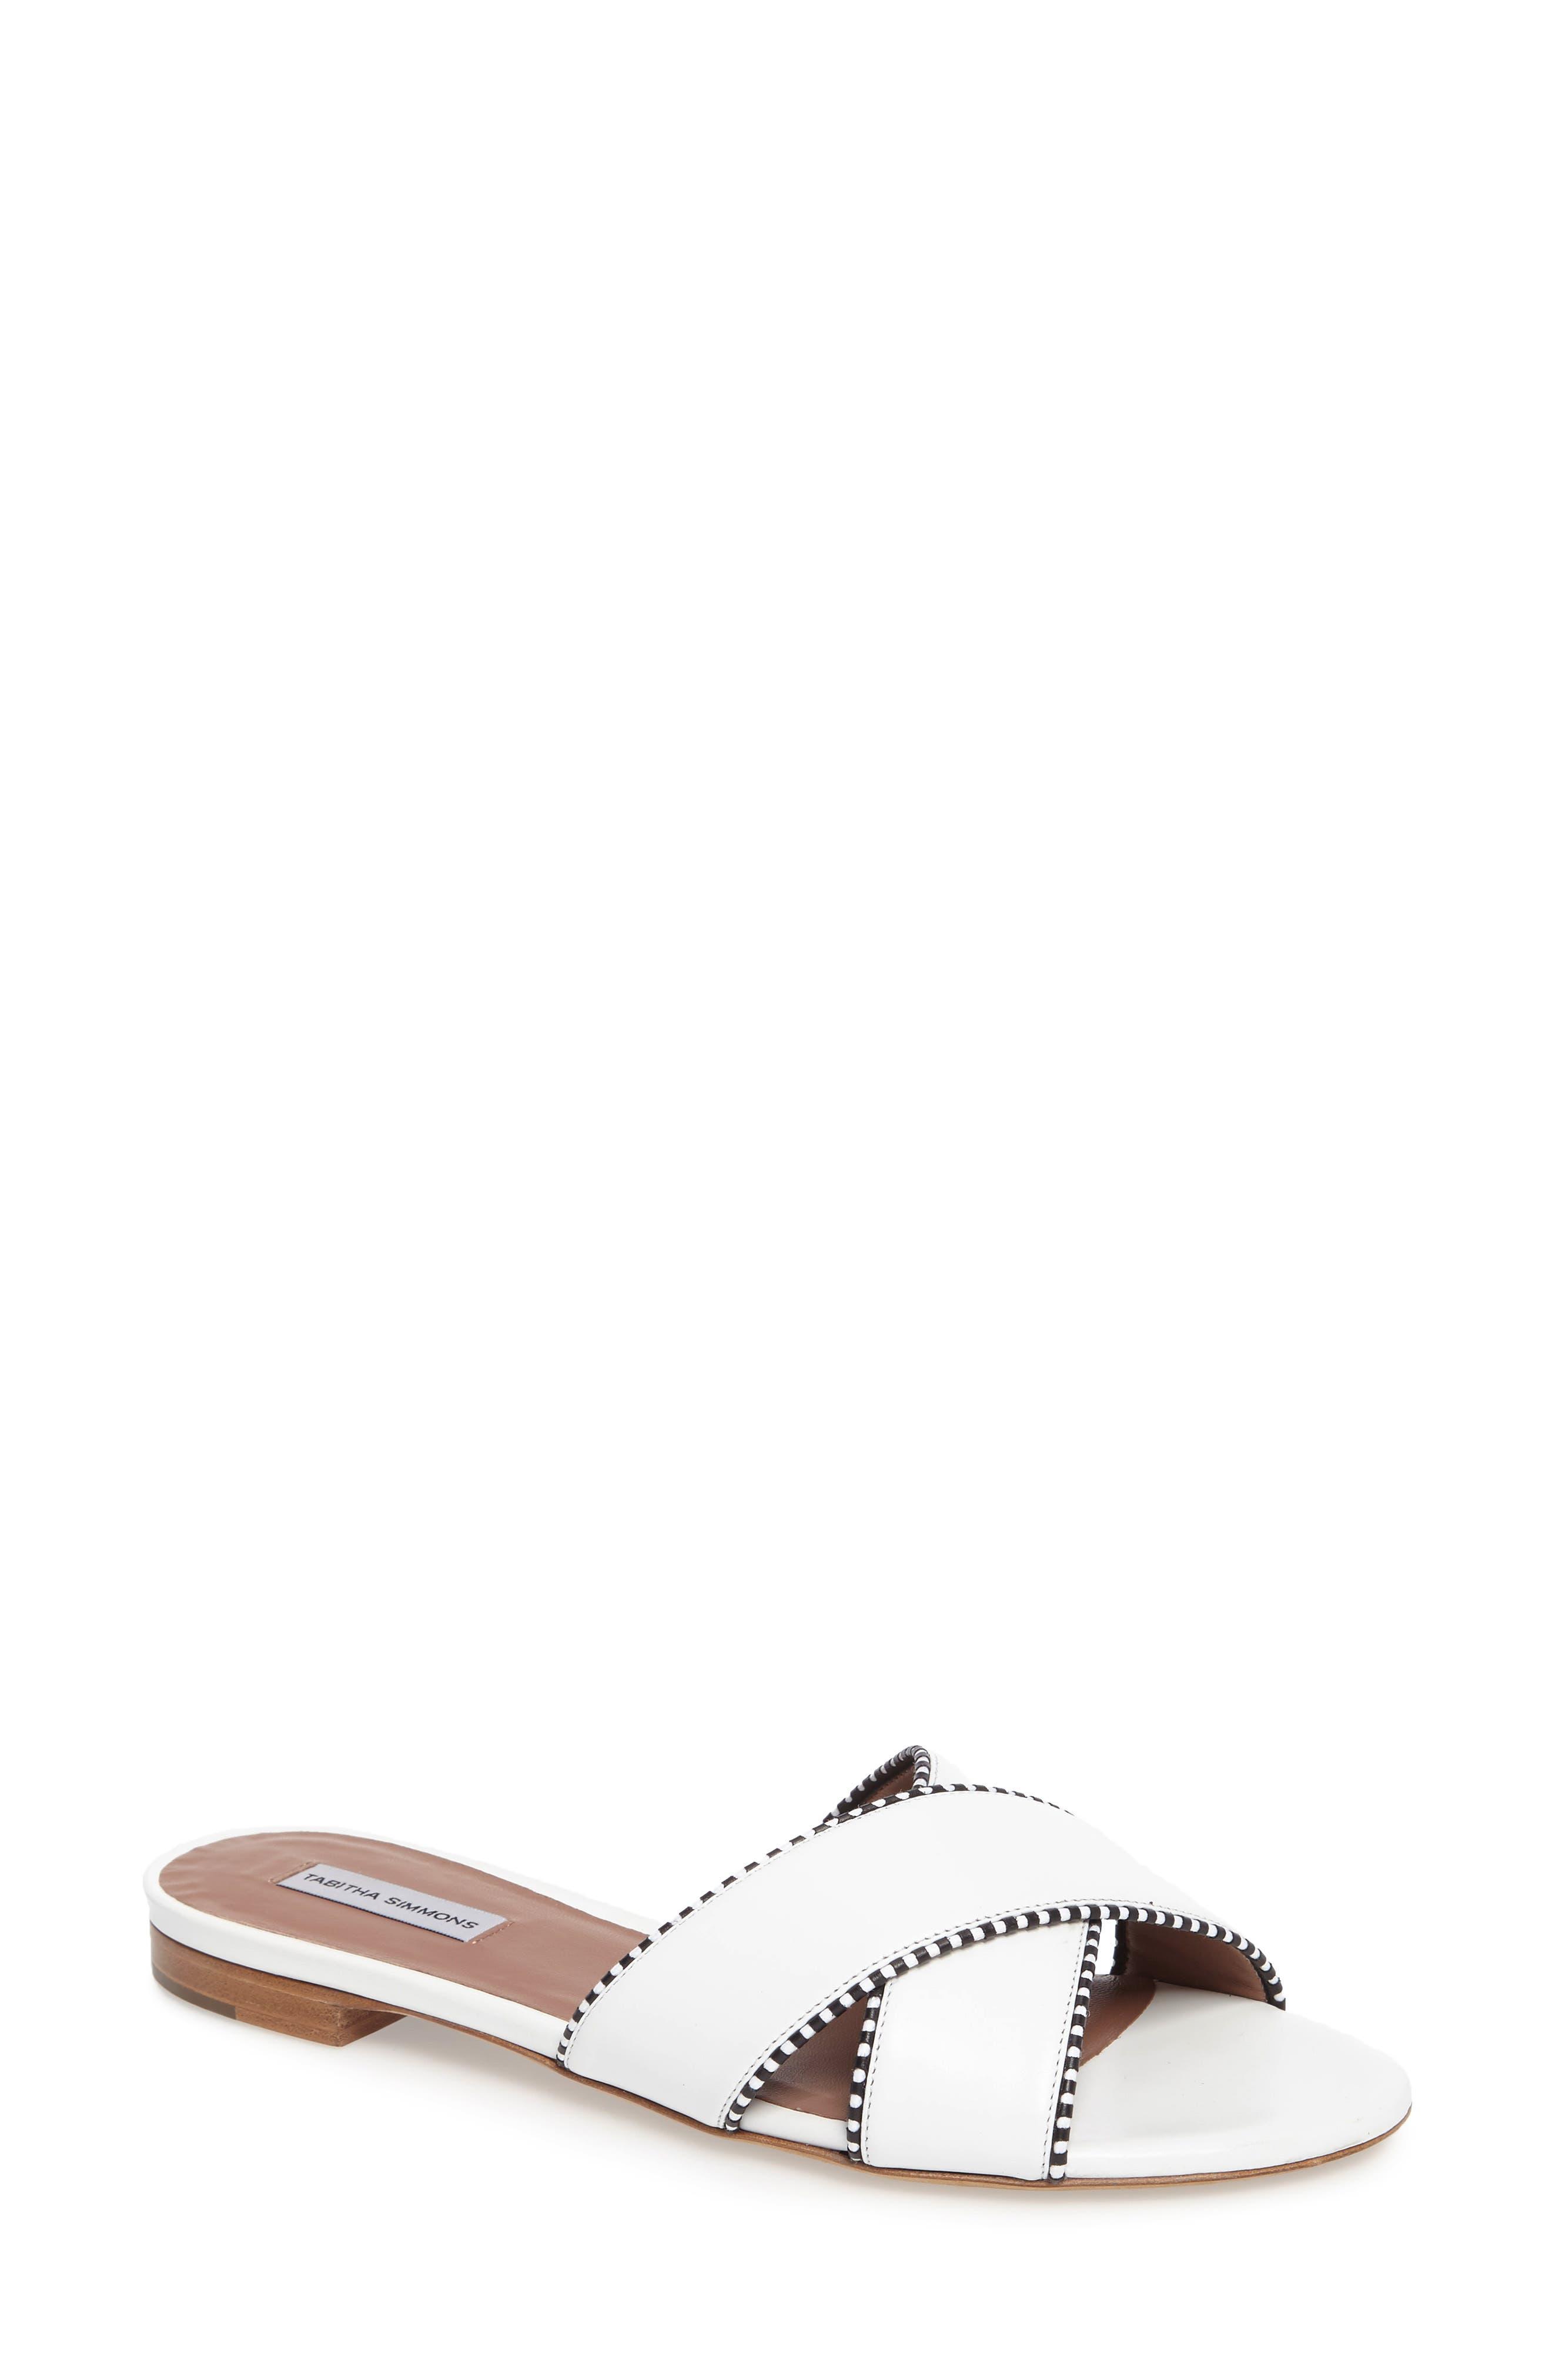 Lassie Profilo Slide Sandal,                             Main thumbnail 1, color,                             100